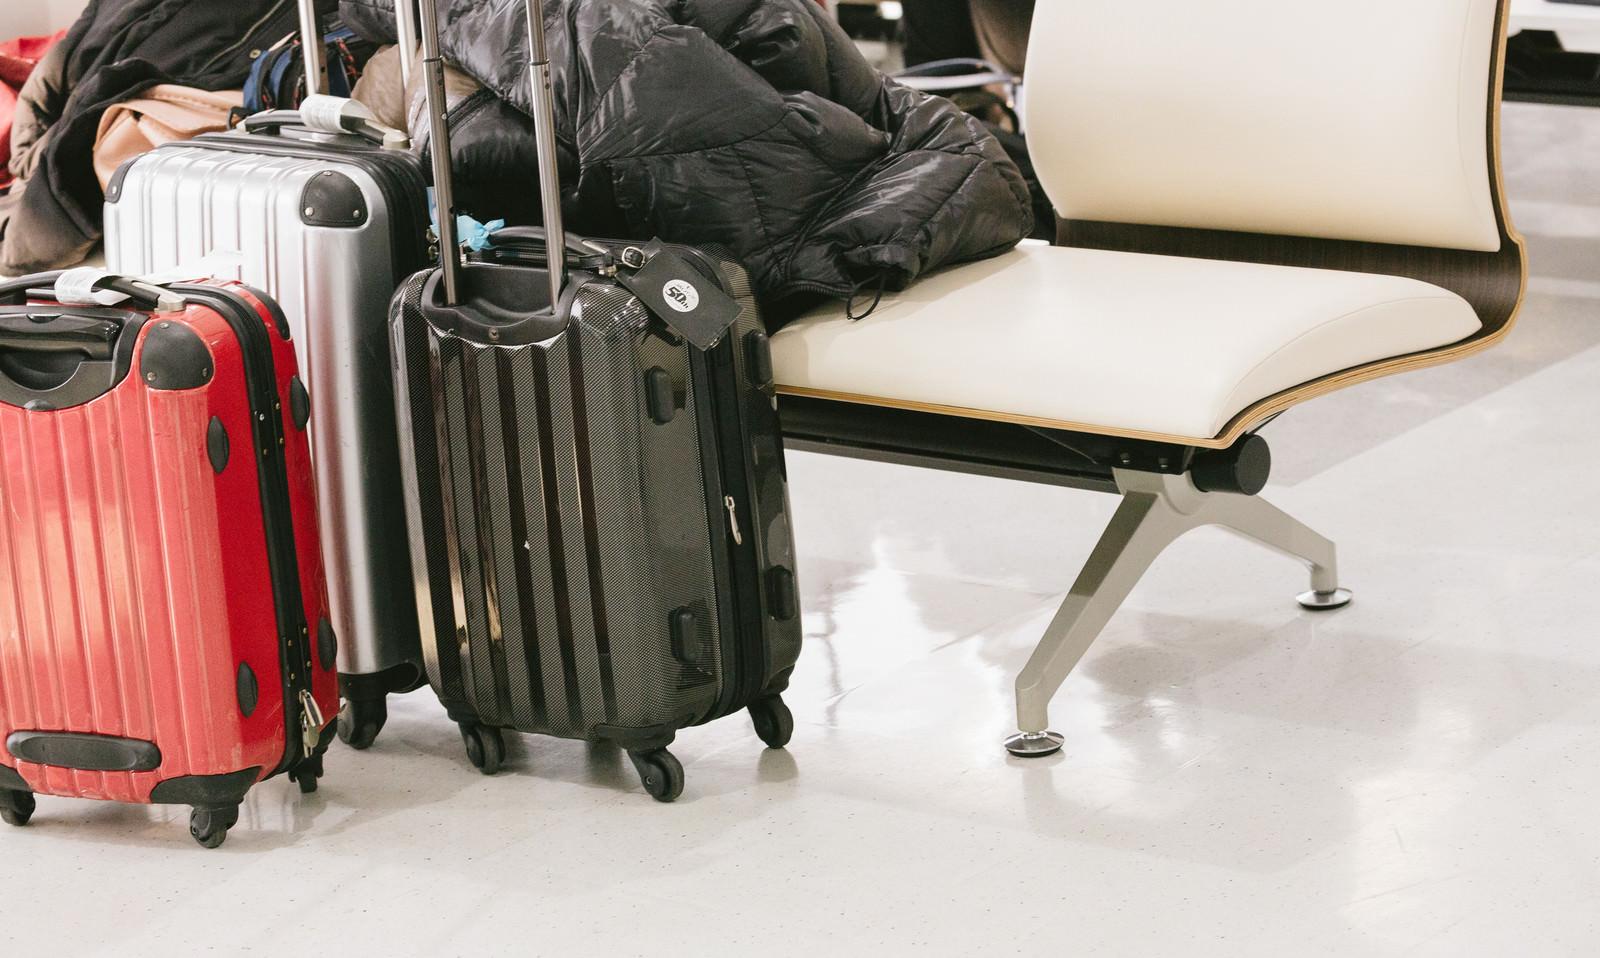 「旅行中のキャリーケース旅行中のキャリーケース」のフリー写真素材